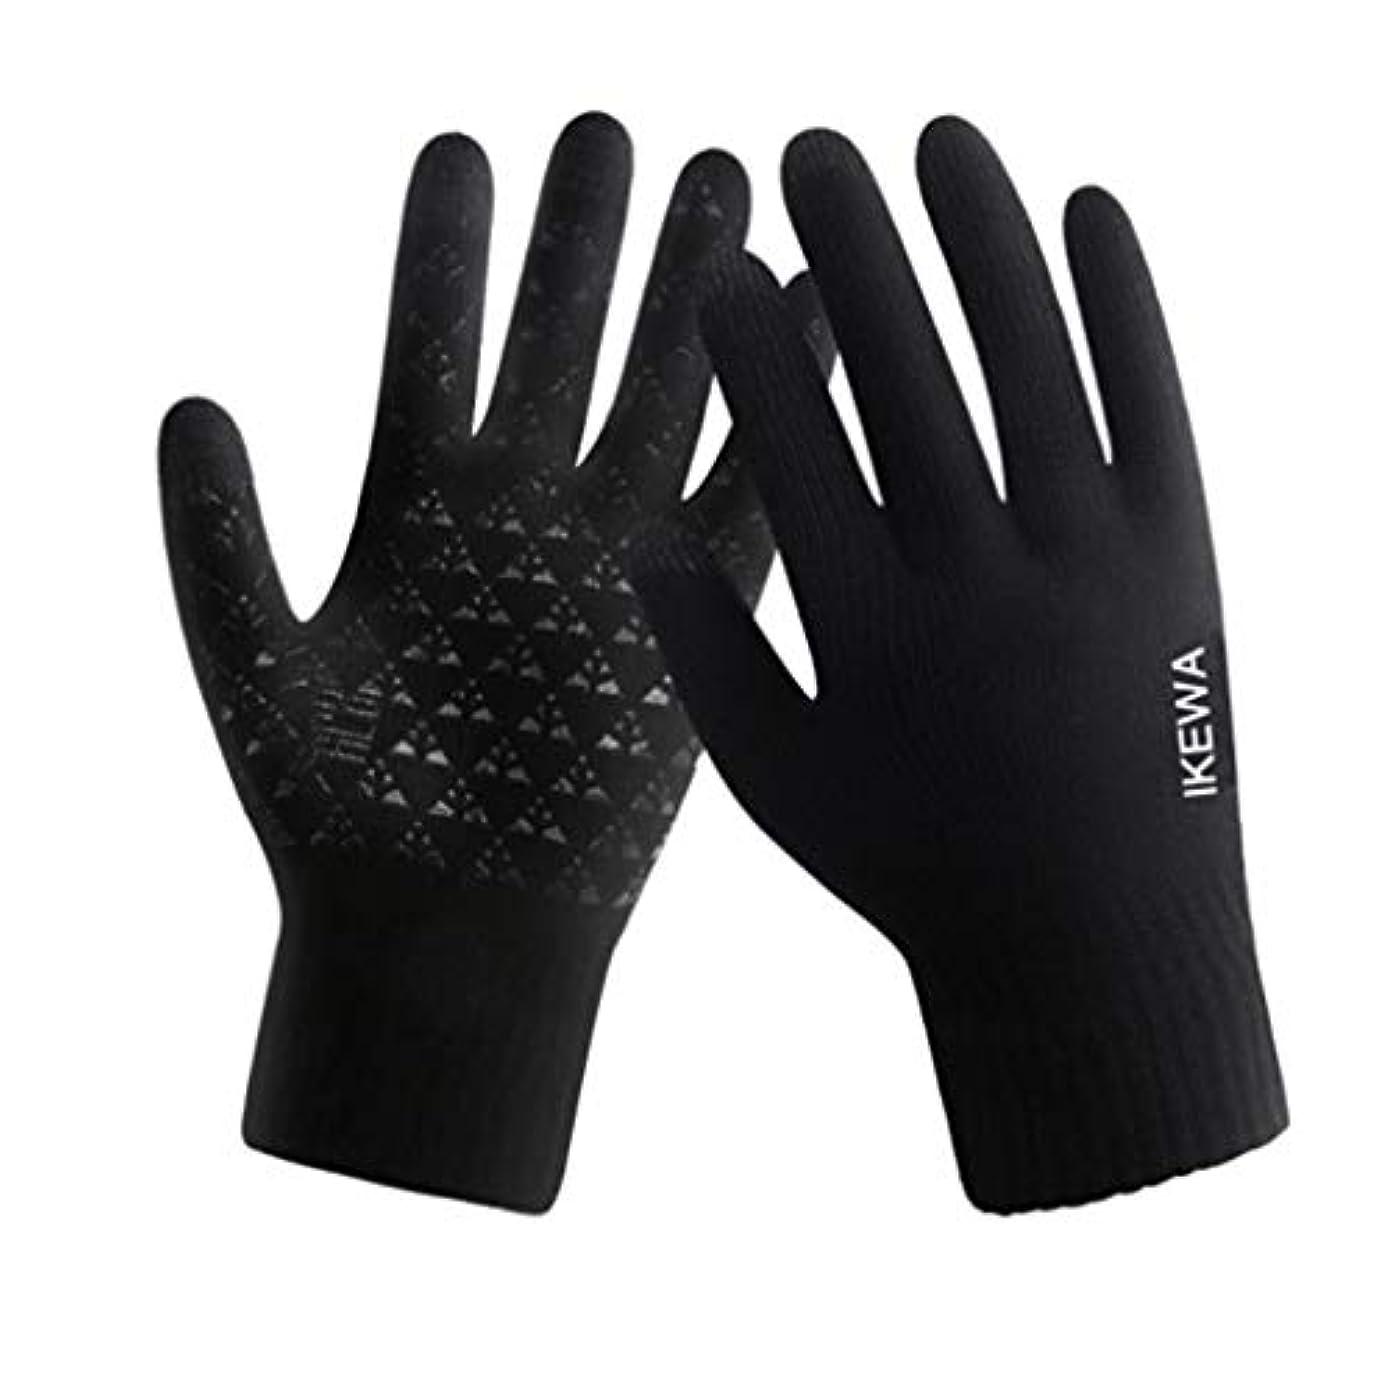 午後父方のユダヤ人冬の羊毛の手袋、男性と女性、サイクリング、暖かいニット、タッチスクリーン、5本指の手袋、黒(男性)